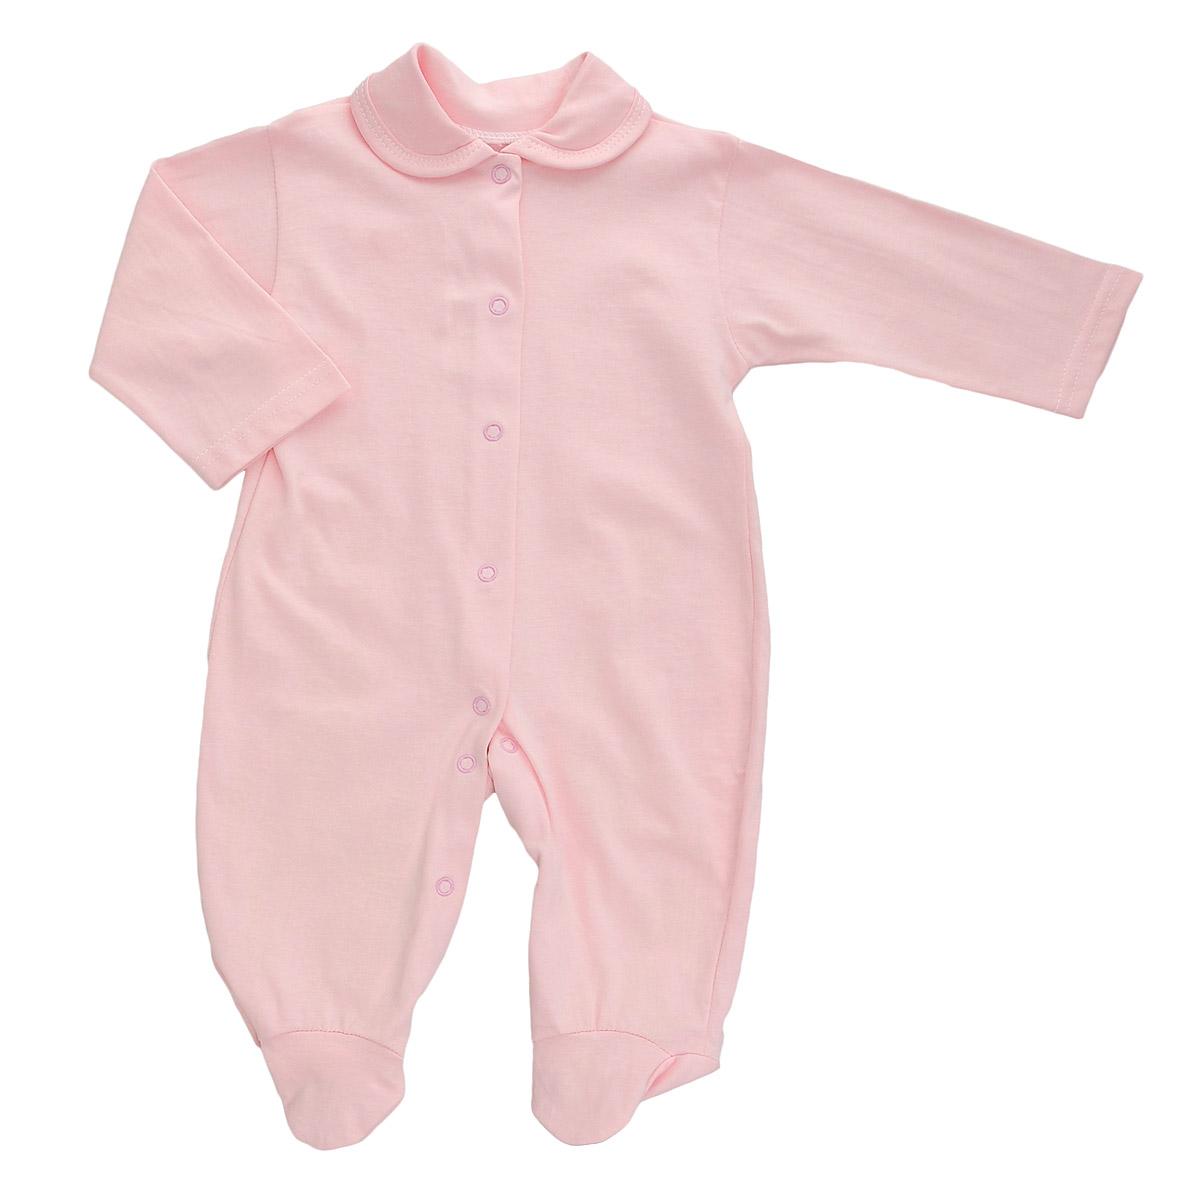 Комбинезон детский Трон-Плюс, цвет: розовый. 5805. Размер 68, 6 месяцев5805Детский комбинезон Трон-Плюс - очень удобный и практичный вид одежды для малышей. Комбинезон выполнен из кулирного полотна - натурального хлопка, благодаря чему он необычайно мягкий и приятный на ощупь, не раздражает нежную кожу ребенка, и хорошо вентилируются, а эластичные швы приятны телу малыша и не препятствуют его движениям. Комбинезон с длинными рукавами, закрытыми ножками и отложным воротничком имеет застежки-кнопки от горловины до щиколоток, которые помогают легко переодеть младенца или сменить подгузник. С детским комбинезоном спинка и ножки вашего малыша всегда будут в тепле, он идеален для использования днем и незаменим ночью. Комбинезон полностью соответствует особенностям жизни младенца в ранний период, не стесняя и не ограничивая его в движениях!